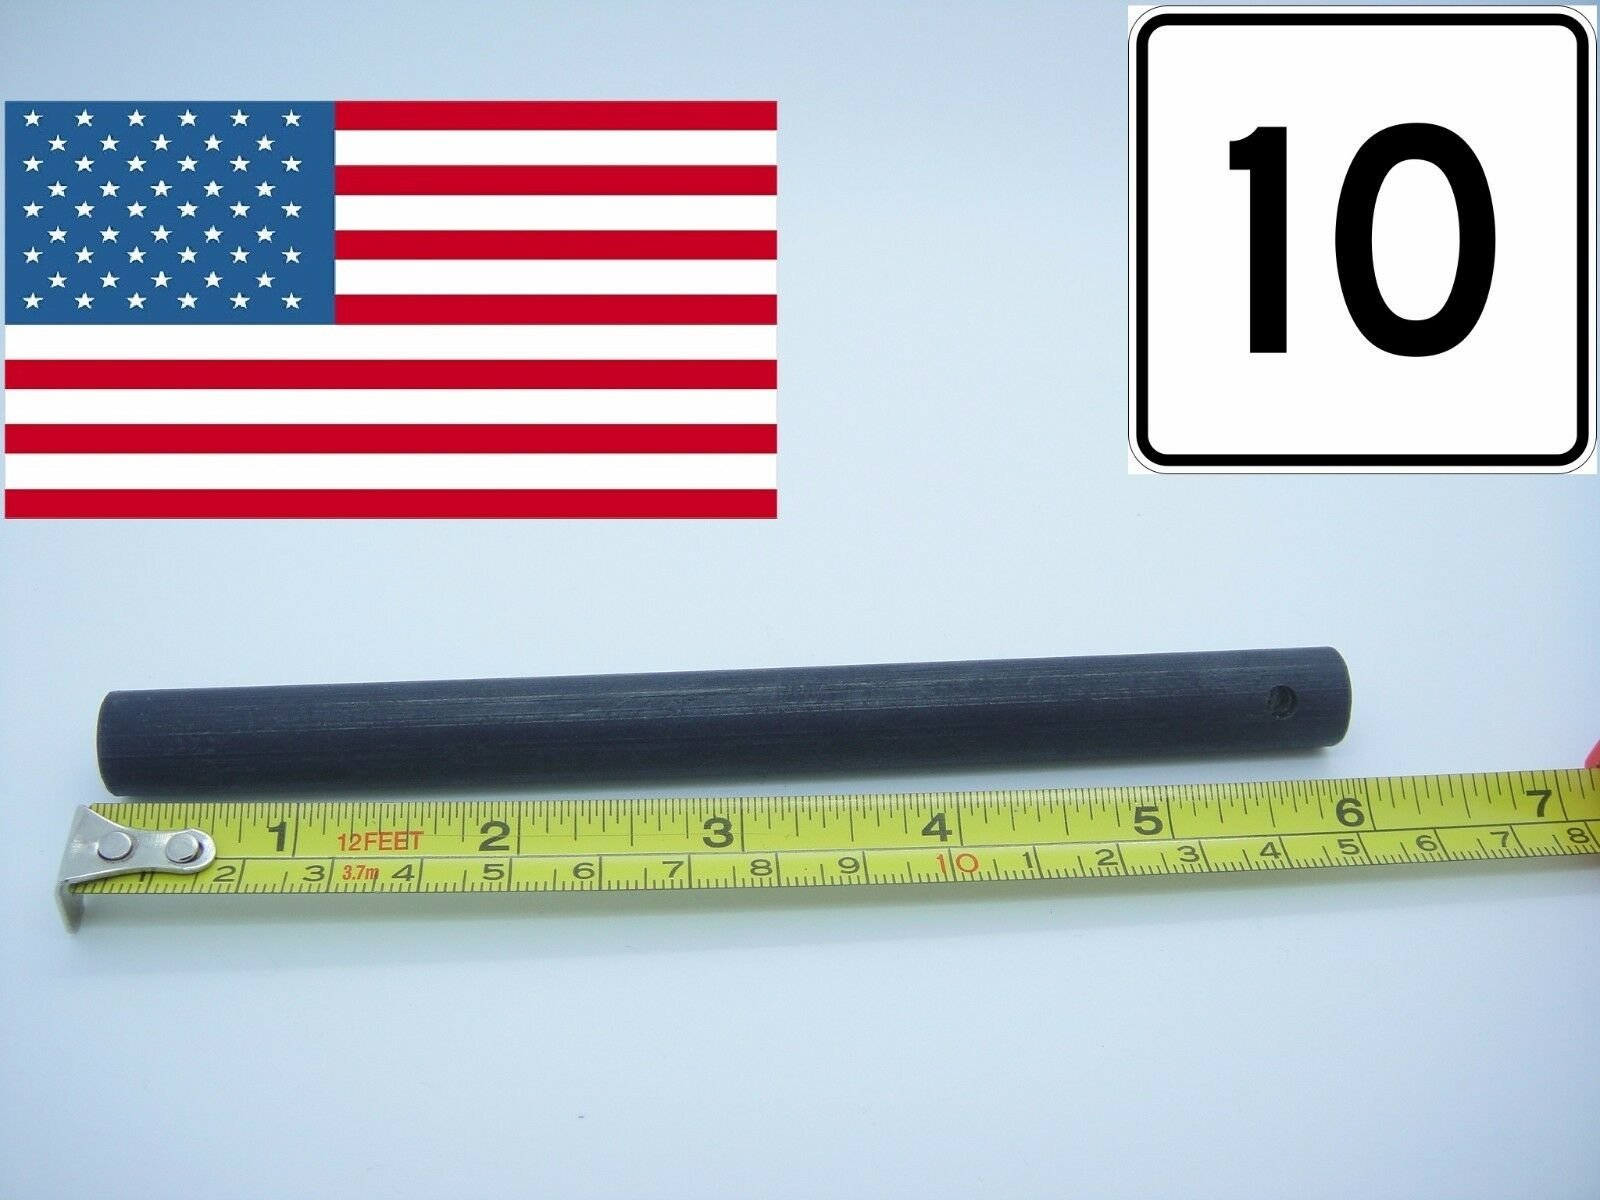 10 Huge 6x1 2 Ferro Rod Fire Starter w drilled hole Ferrocerium Flint Survival